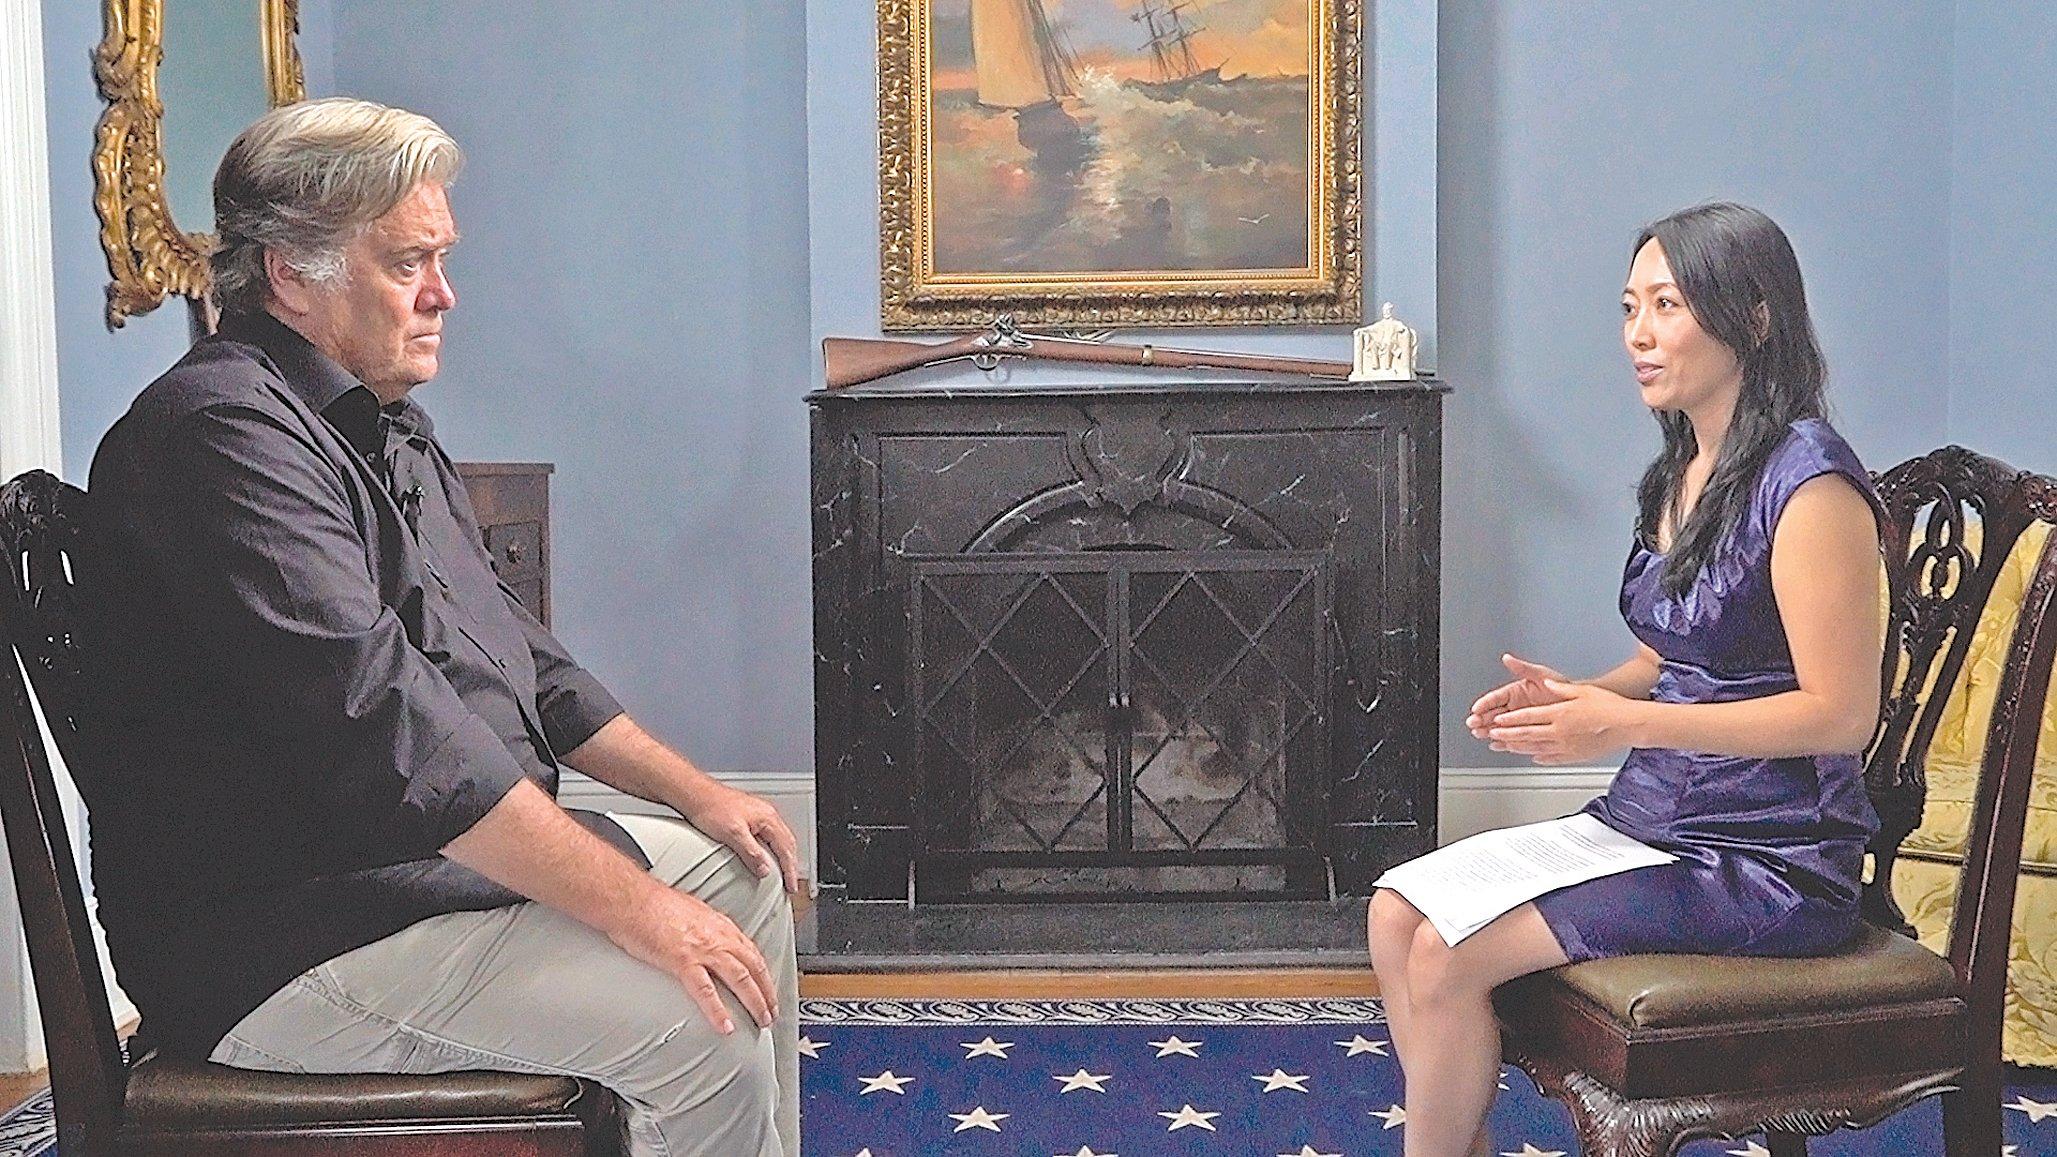 新唐人《世事關心》節目主持人蕭茗再次採訪了白宮前首席戰略顧問班農先生(左)。(新唐人)